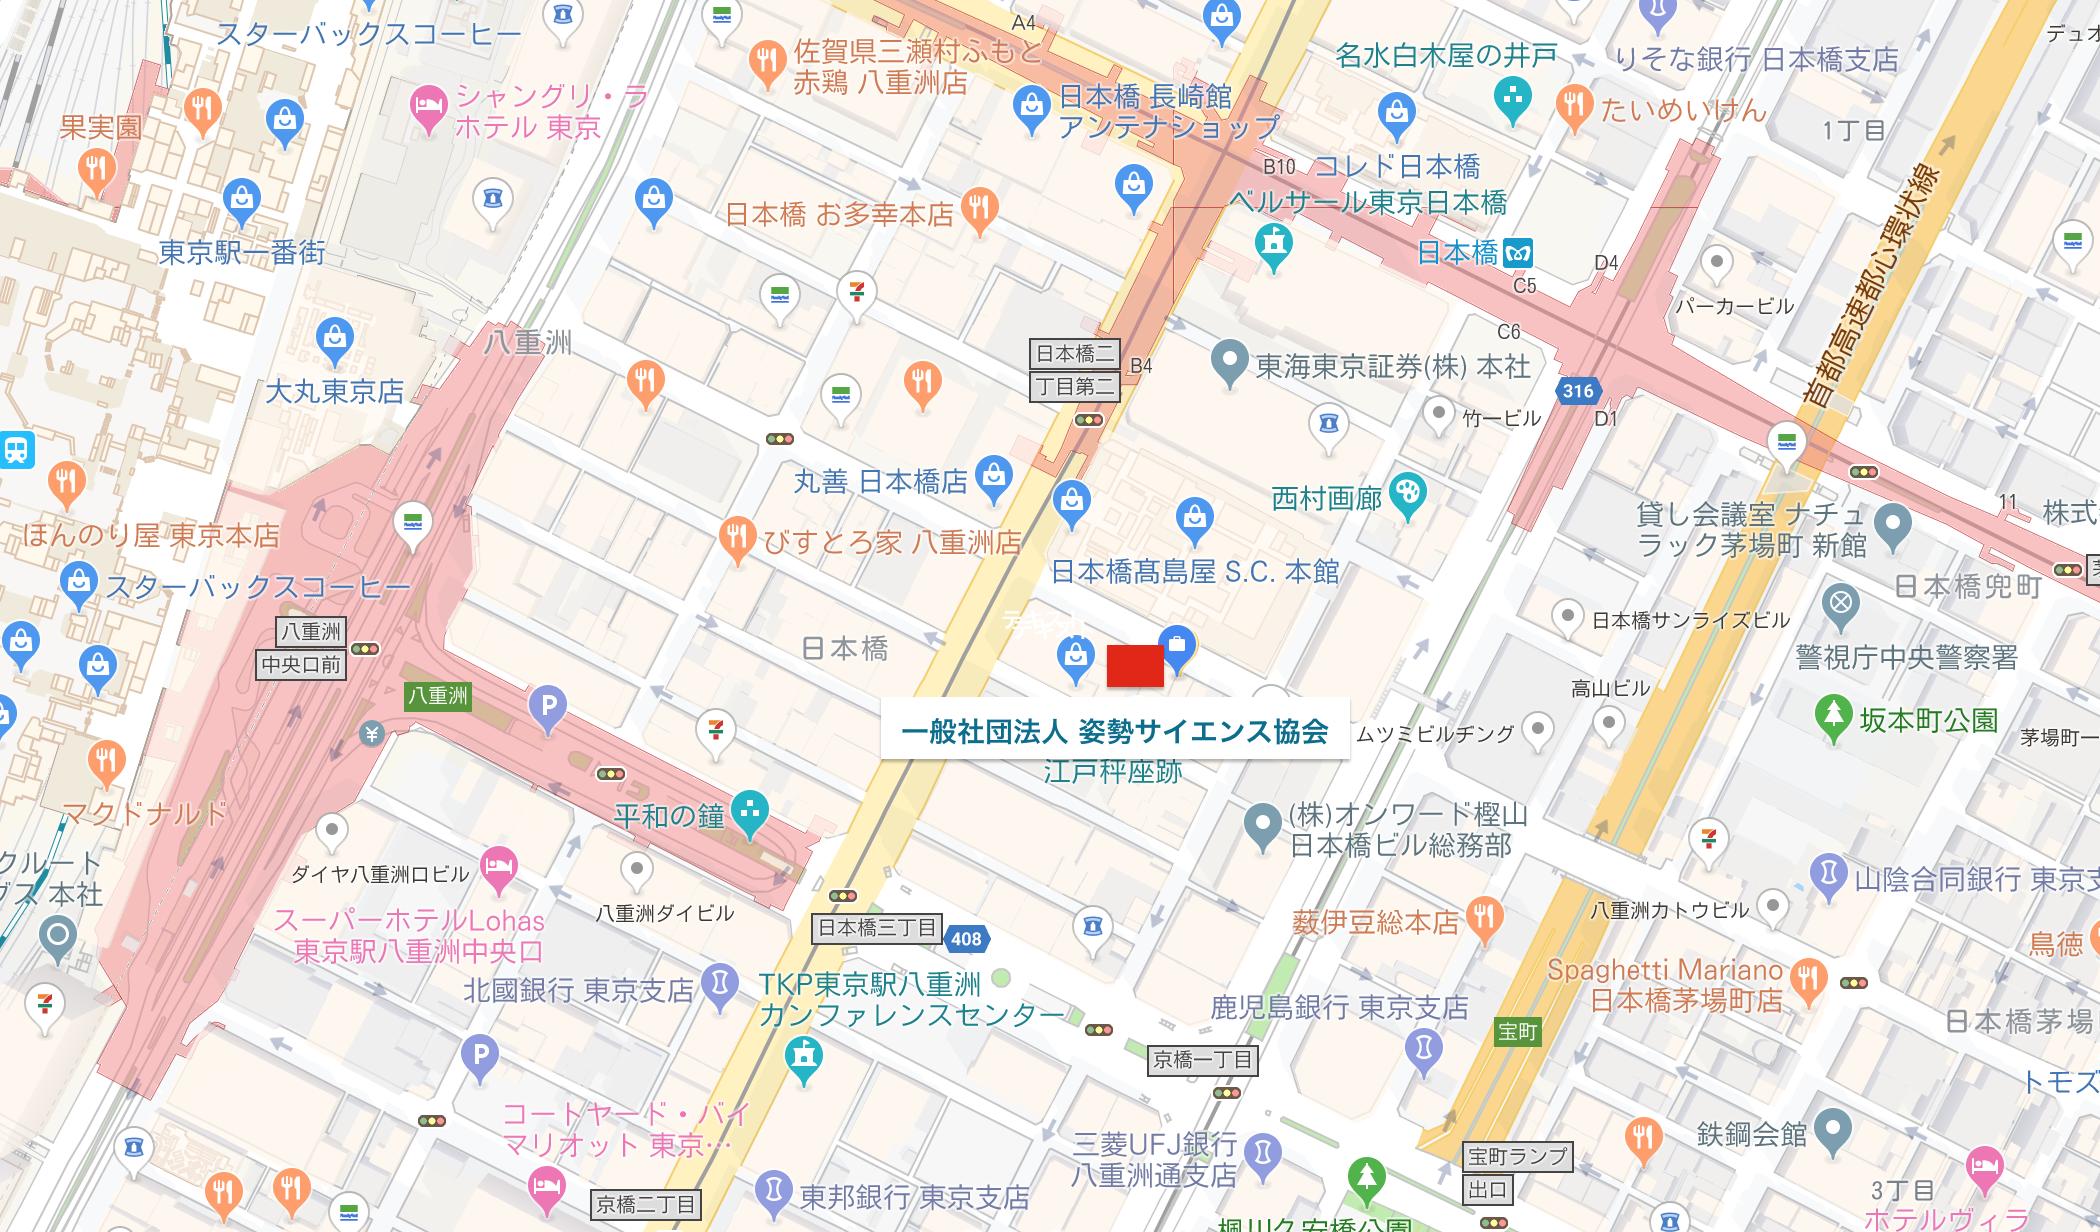 姿勢サイエンス協会 地図